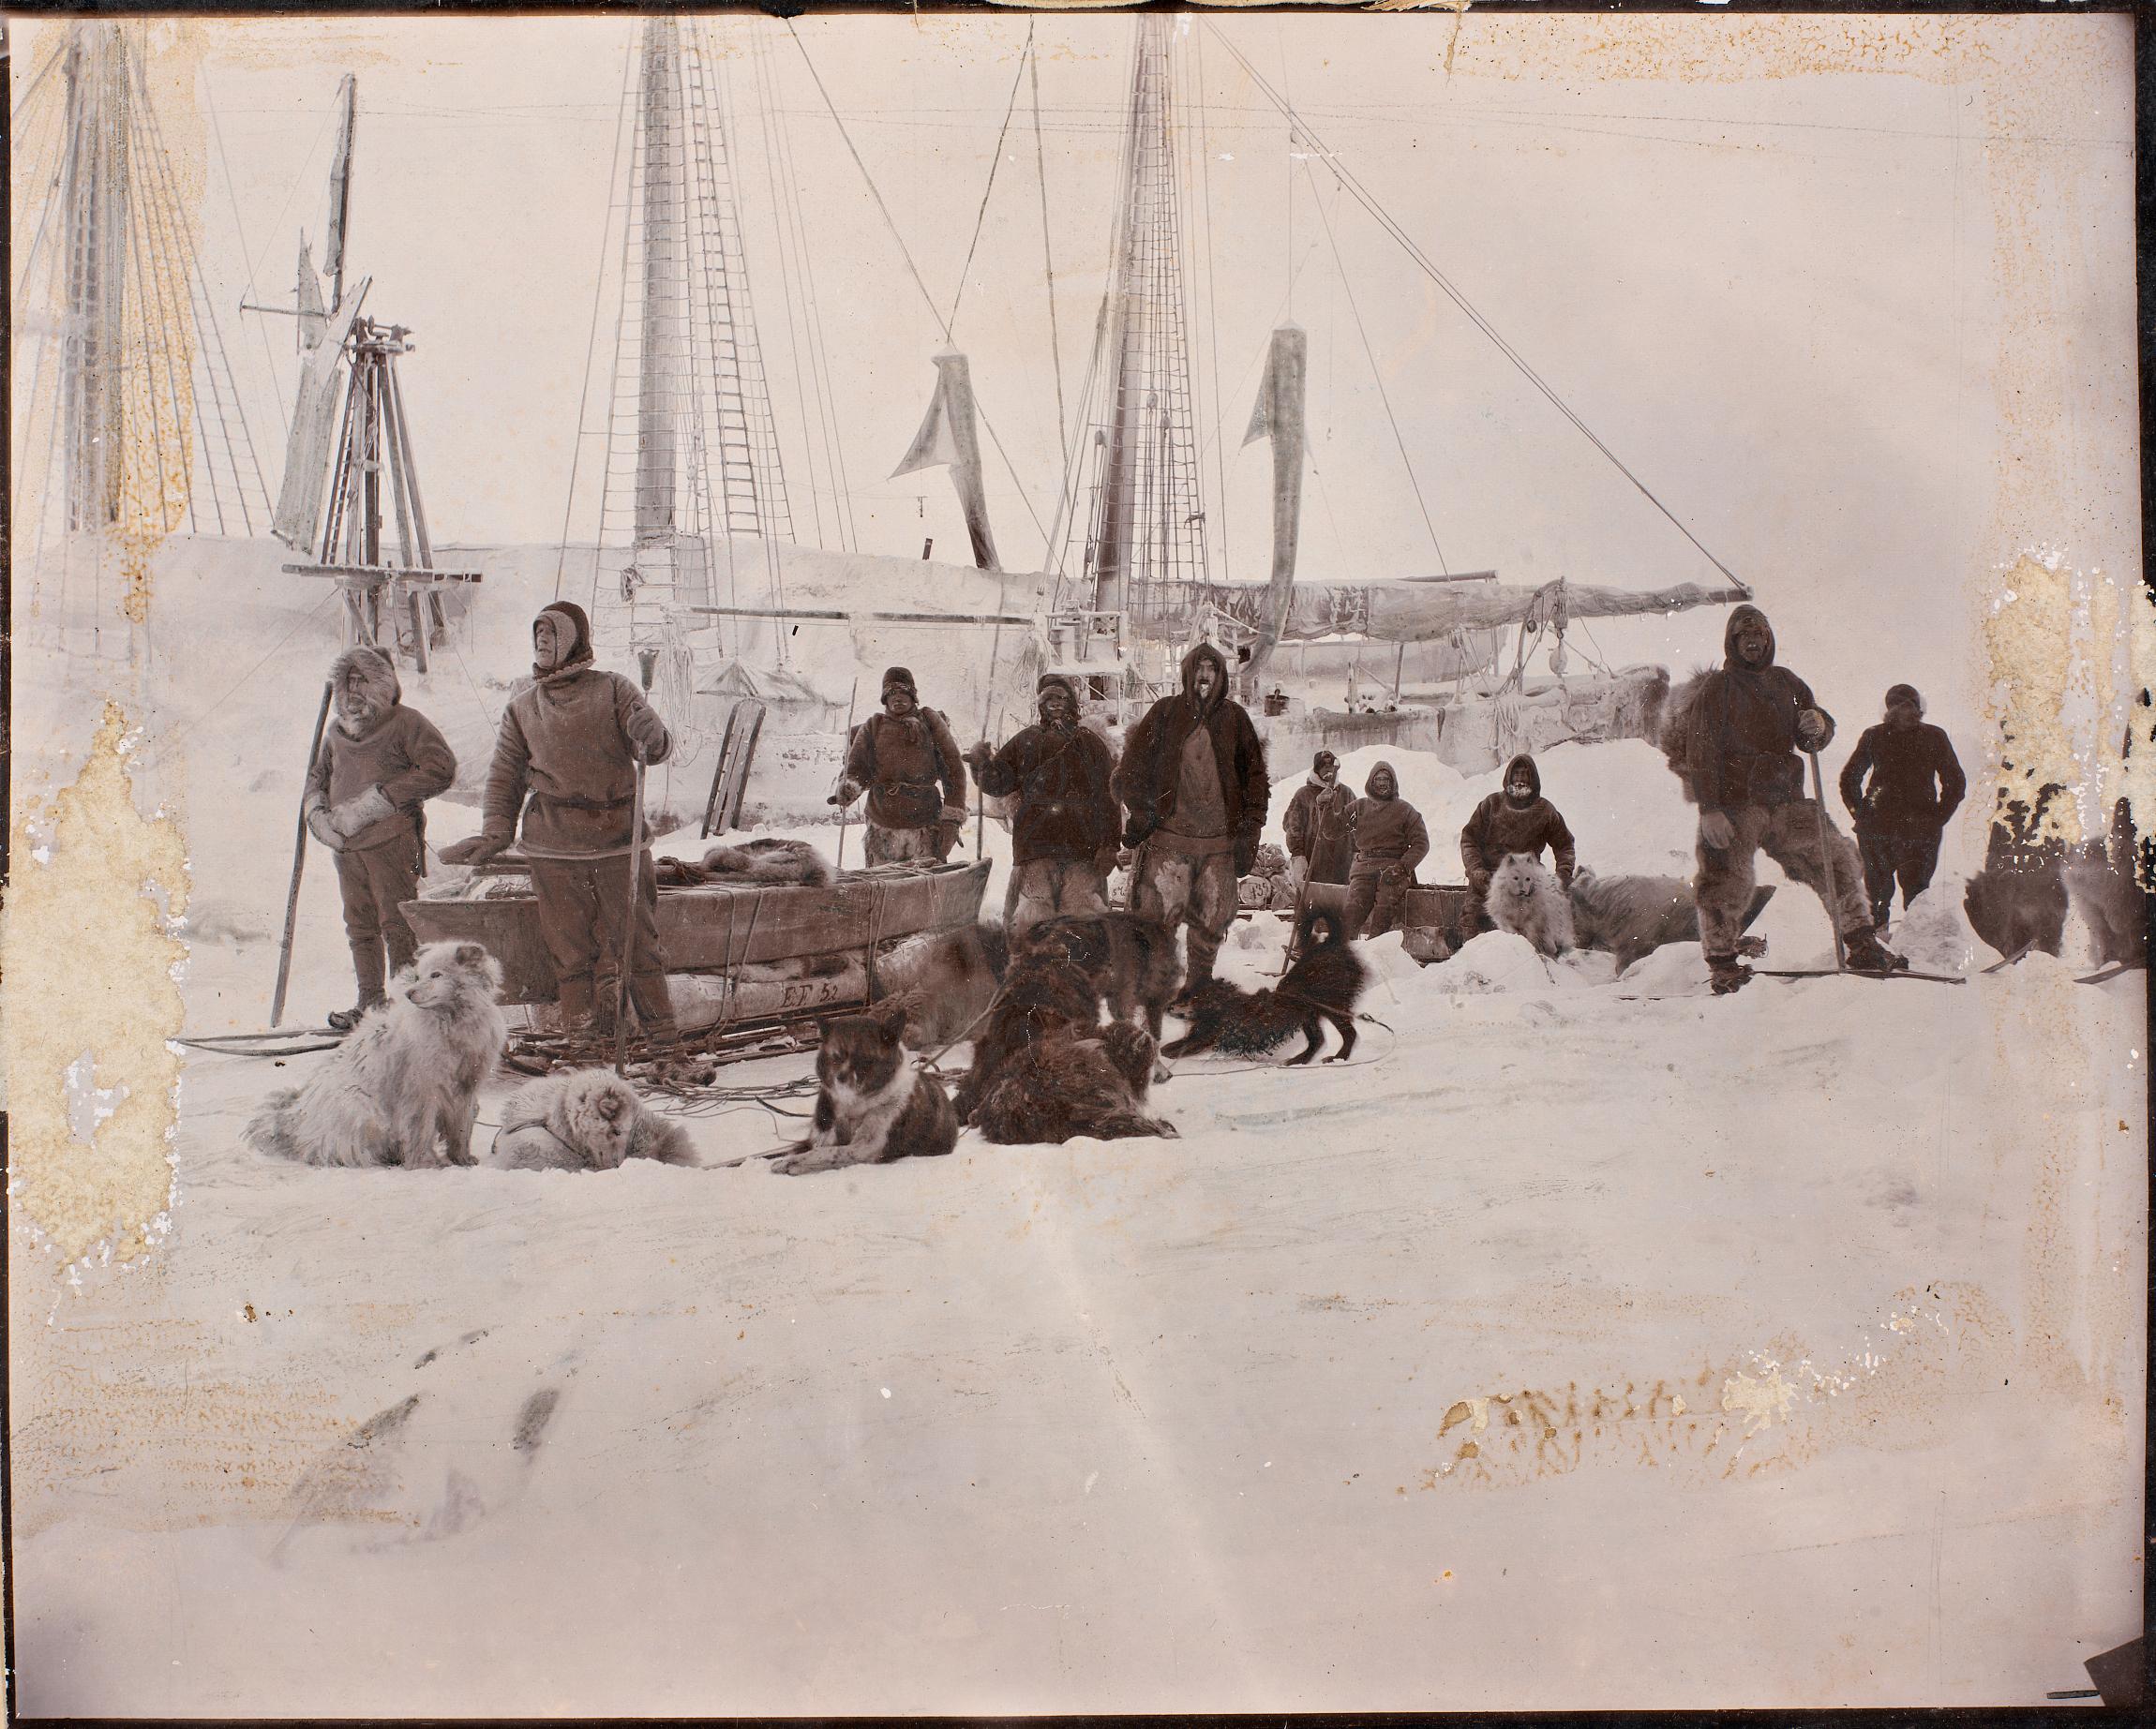 Nansens Schoner Fram im arktischen Eis festgefroren (Foto: National Library of Norway)